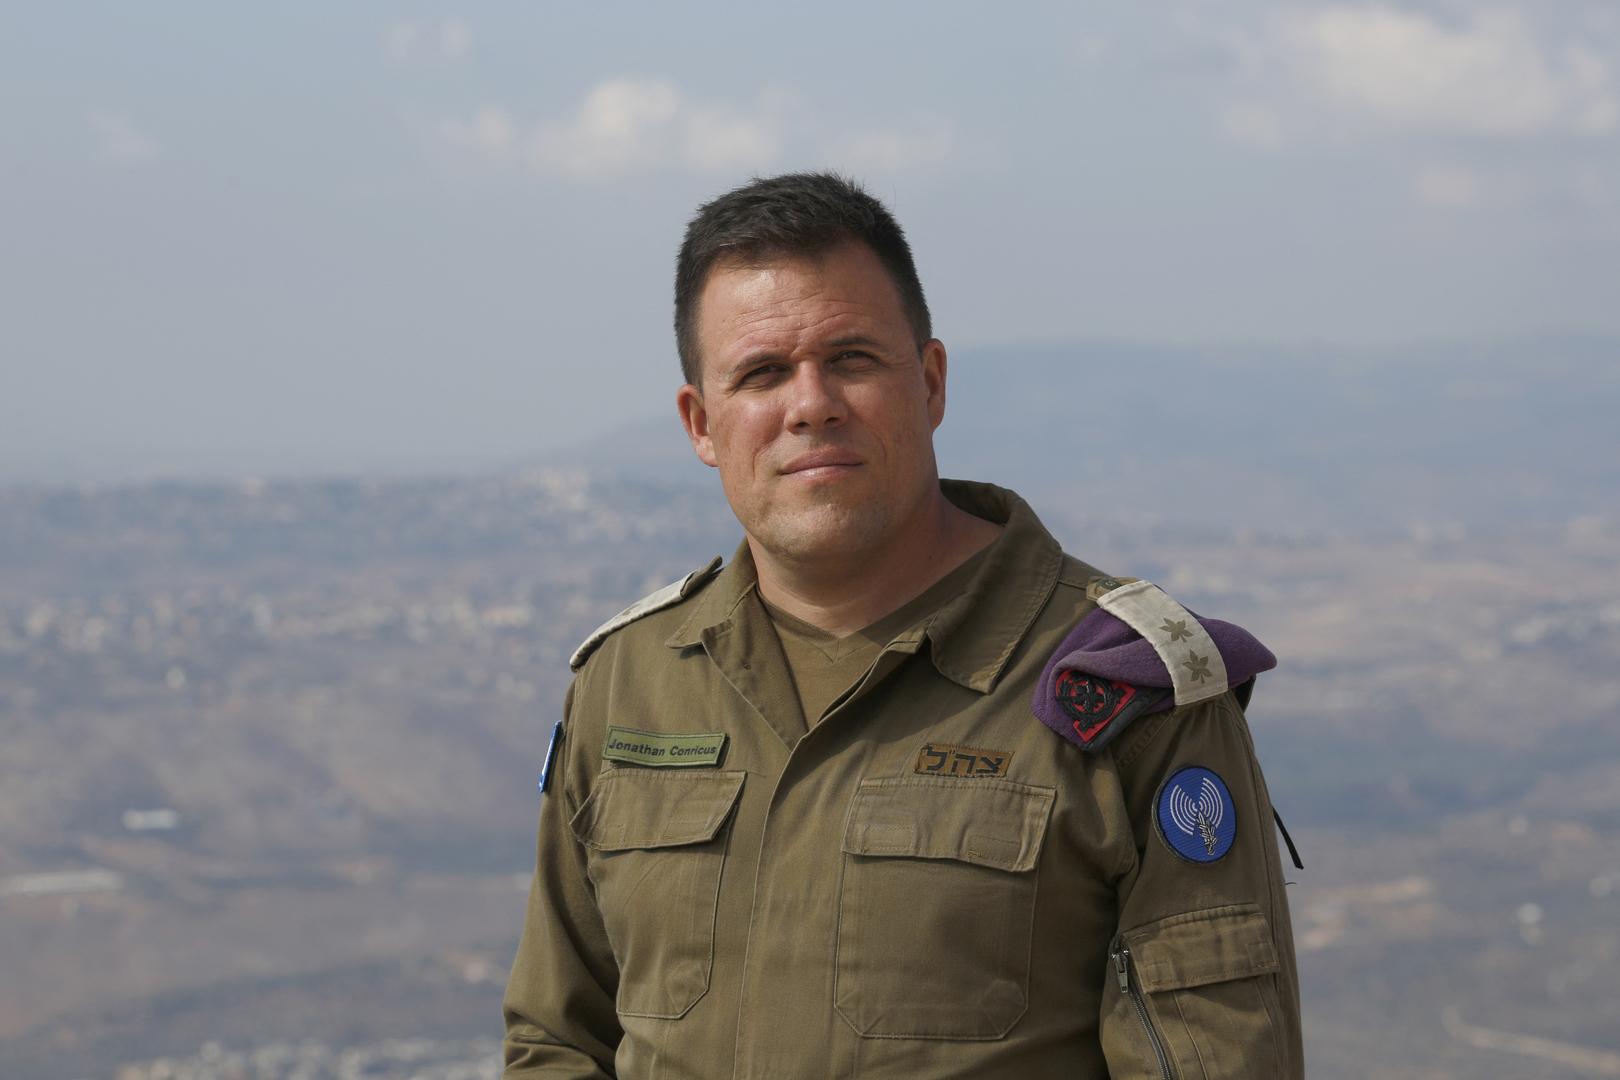 الجيش الإسرائيلي: التنسيق مع روسيا بشأن سوريا له أهمية استراتيجية بالنسبة لنا